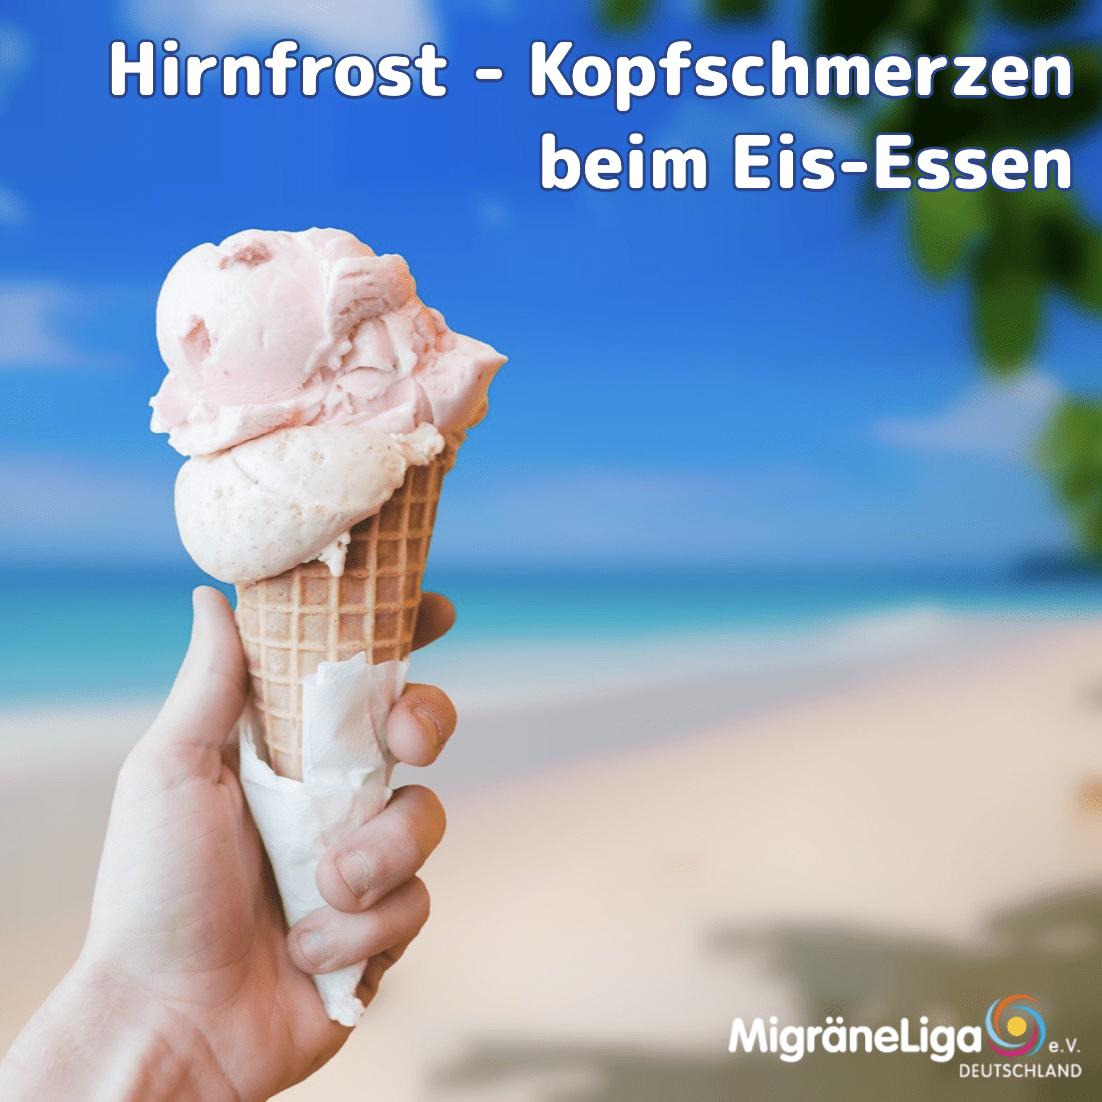 Hirnfrost - Kopfschmerzen beim Eis-Essen